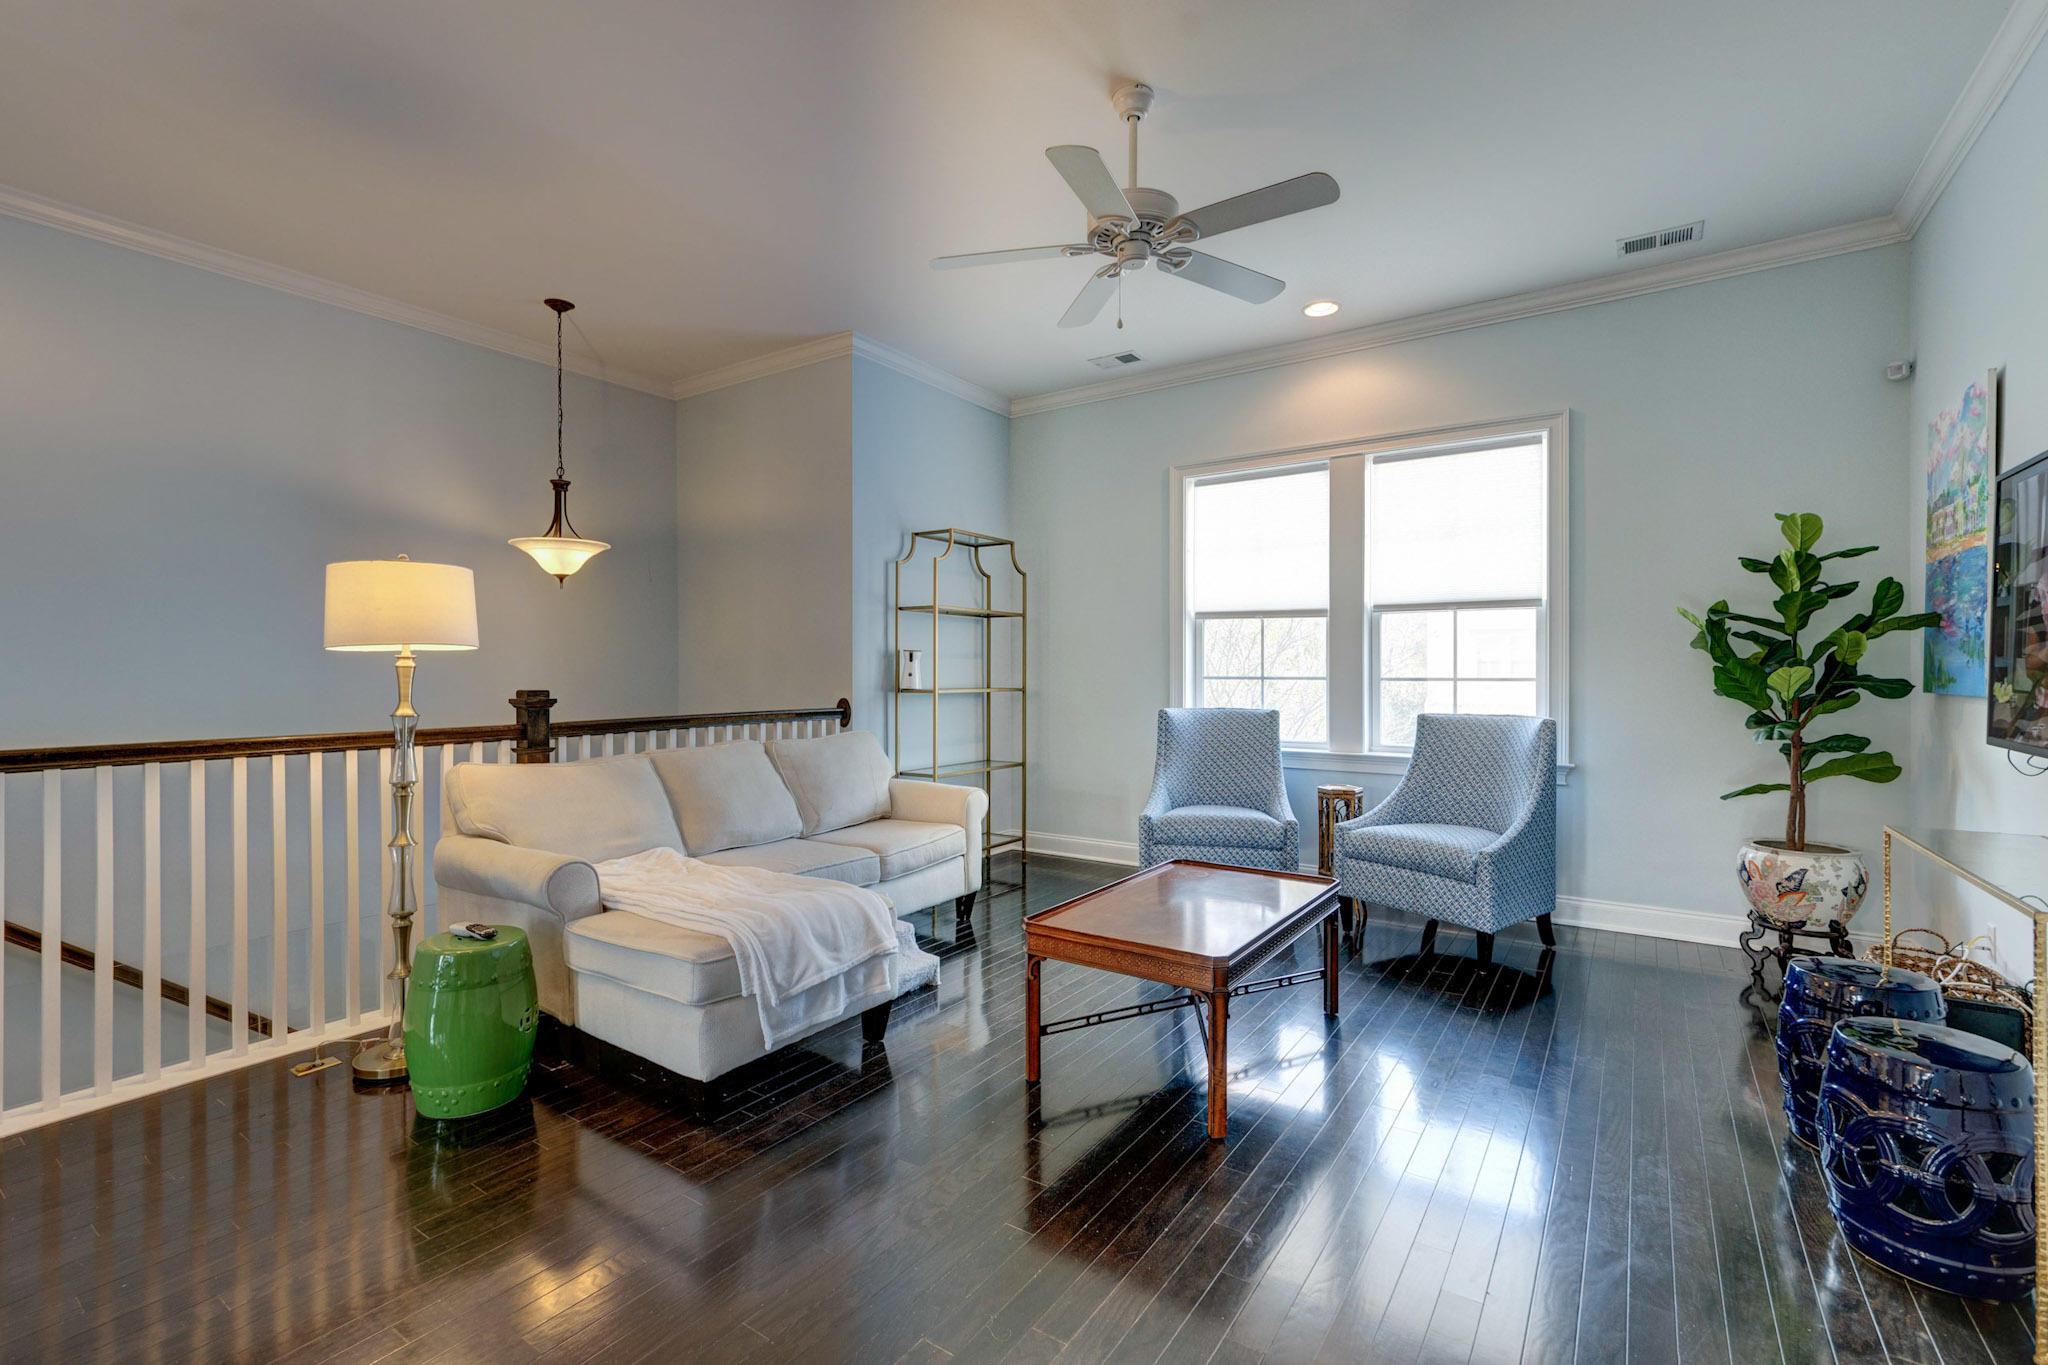 Bowman Park Homes For Sale - 1017 Bowman Woods, Mount Pleasant, SC - 4